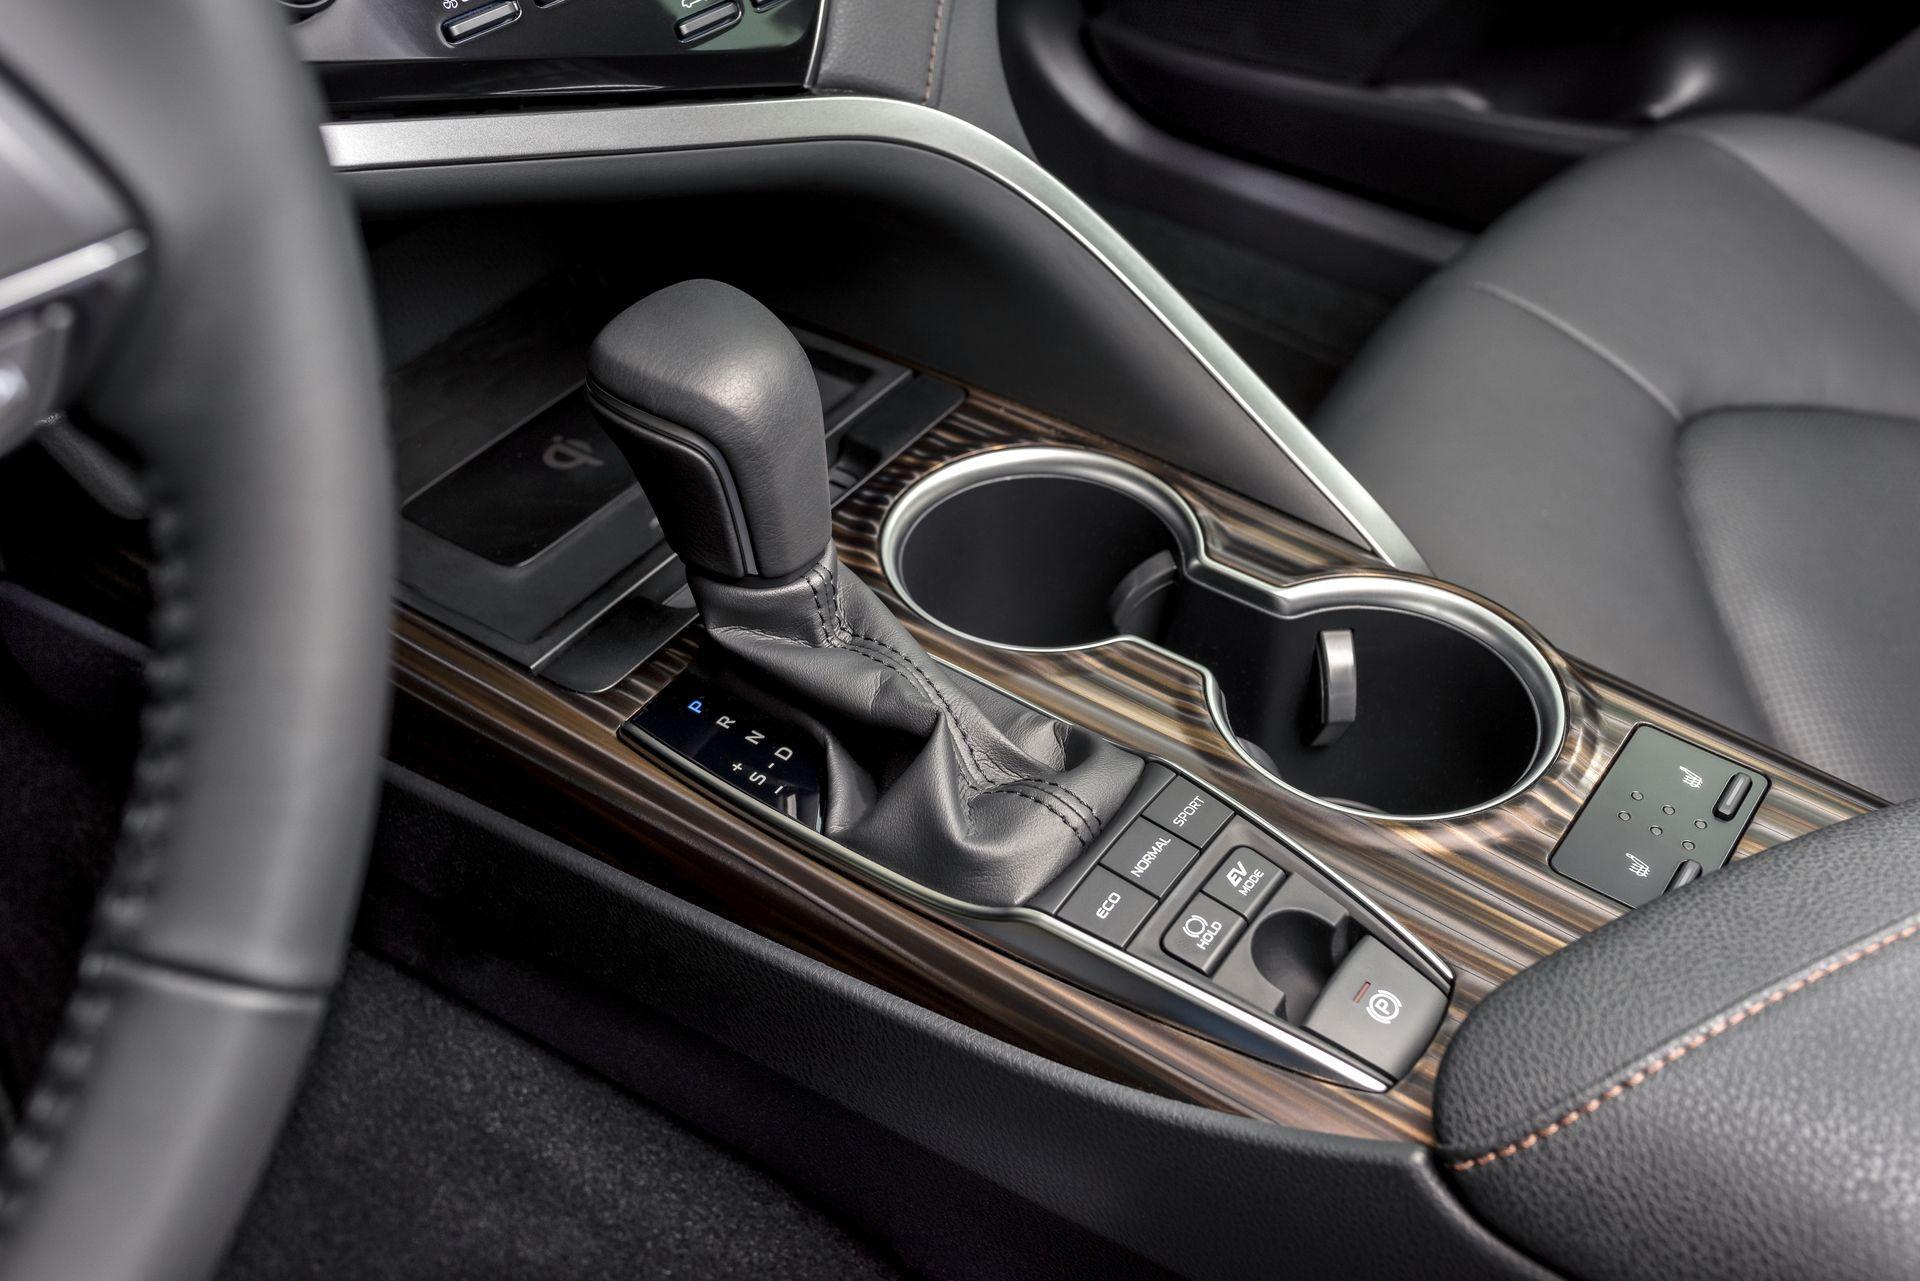 Toyota Camry Hybrid 2019 14